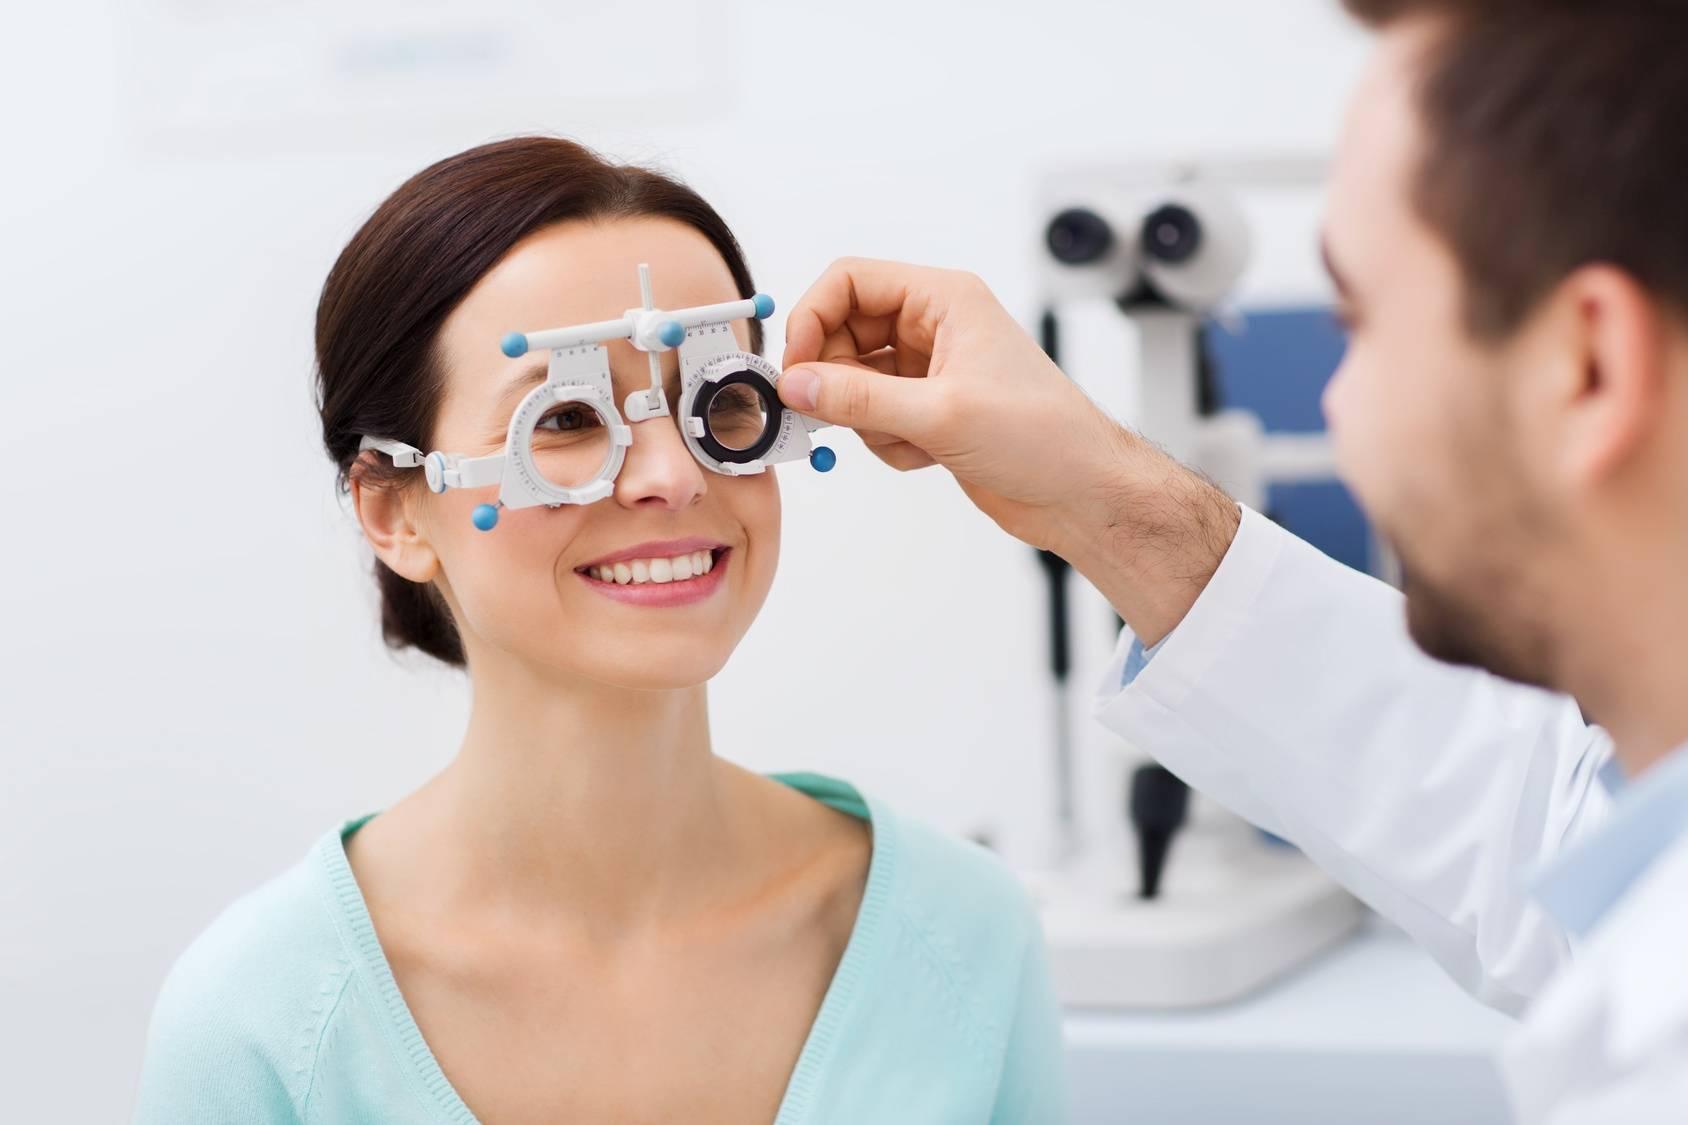 Zespół suchego oka - jak leczyć i jak zapobiegać?